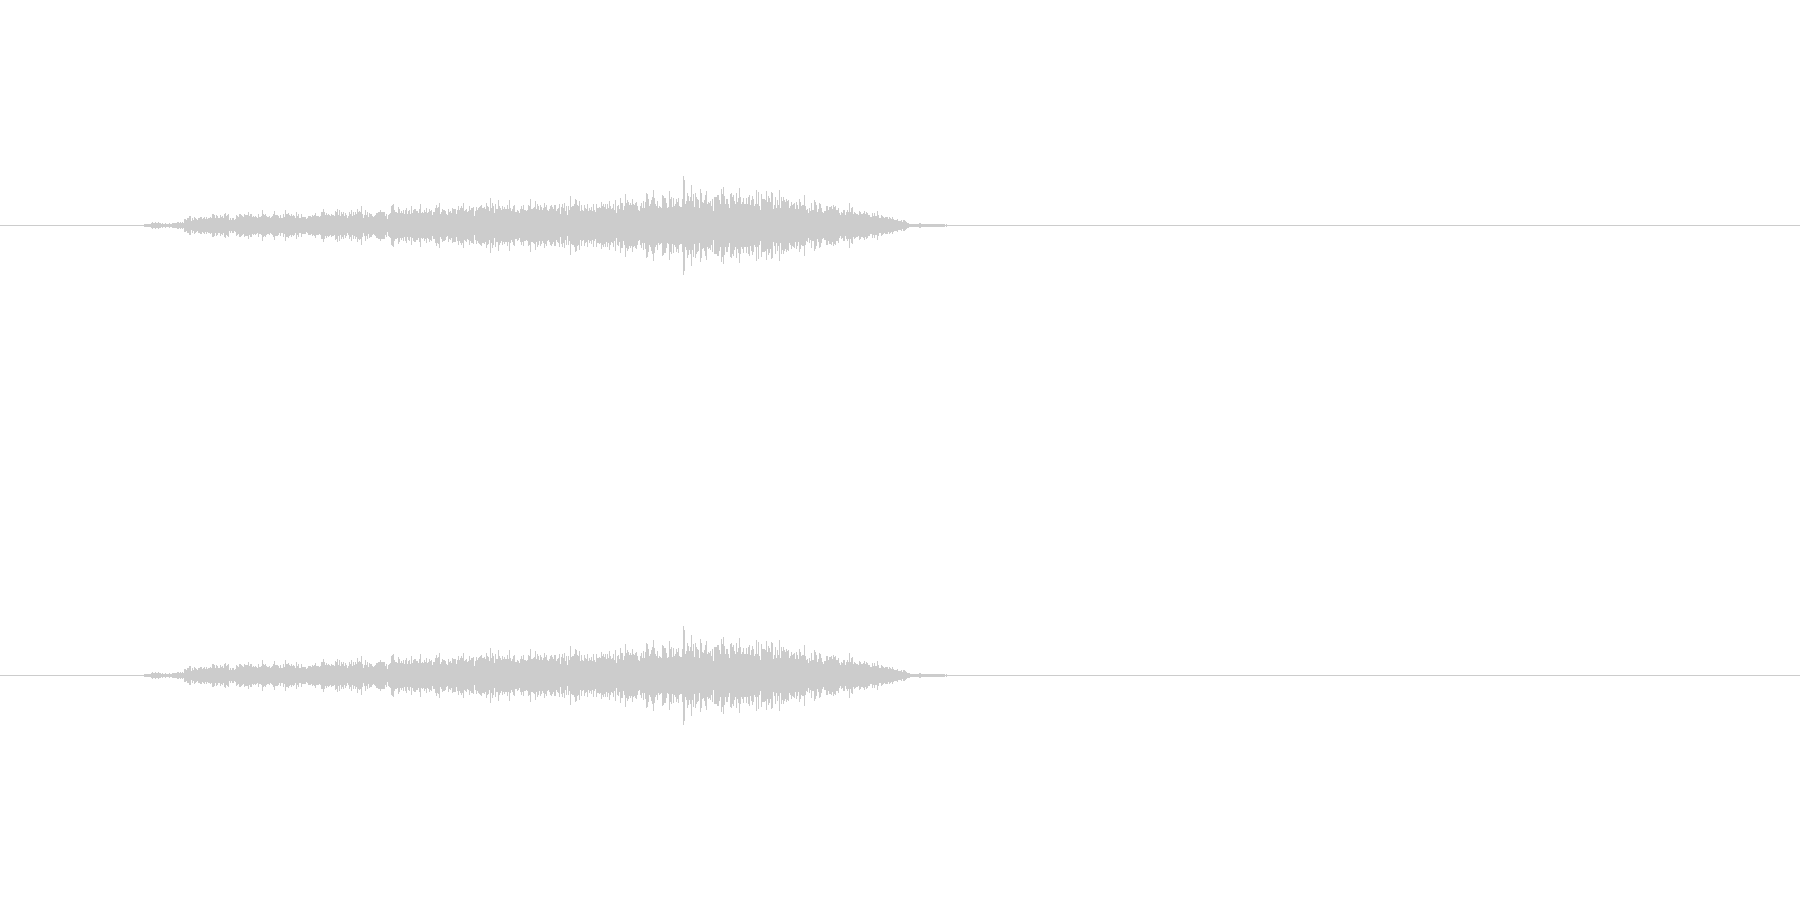 【シャープペン01-04(直線)】の未再生の波形